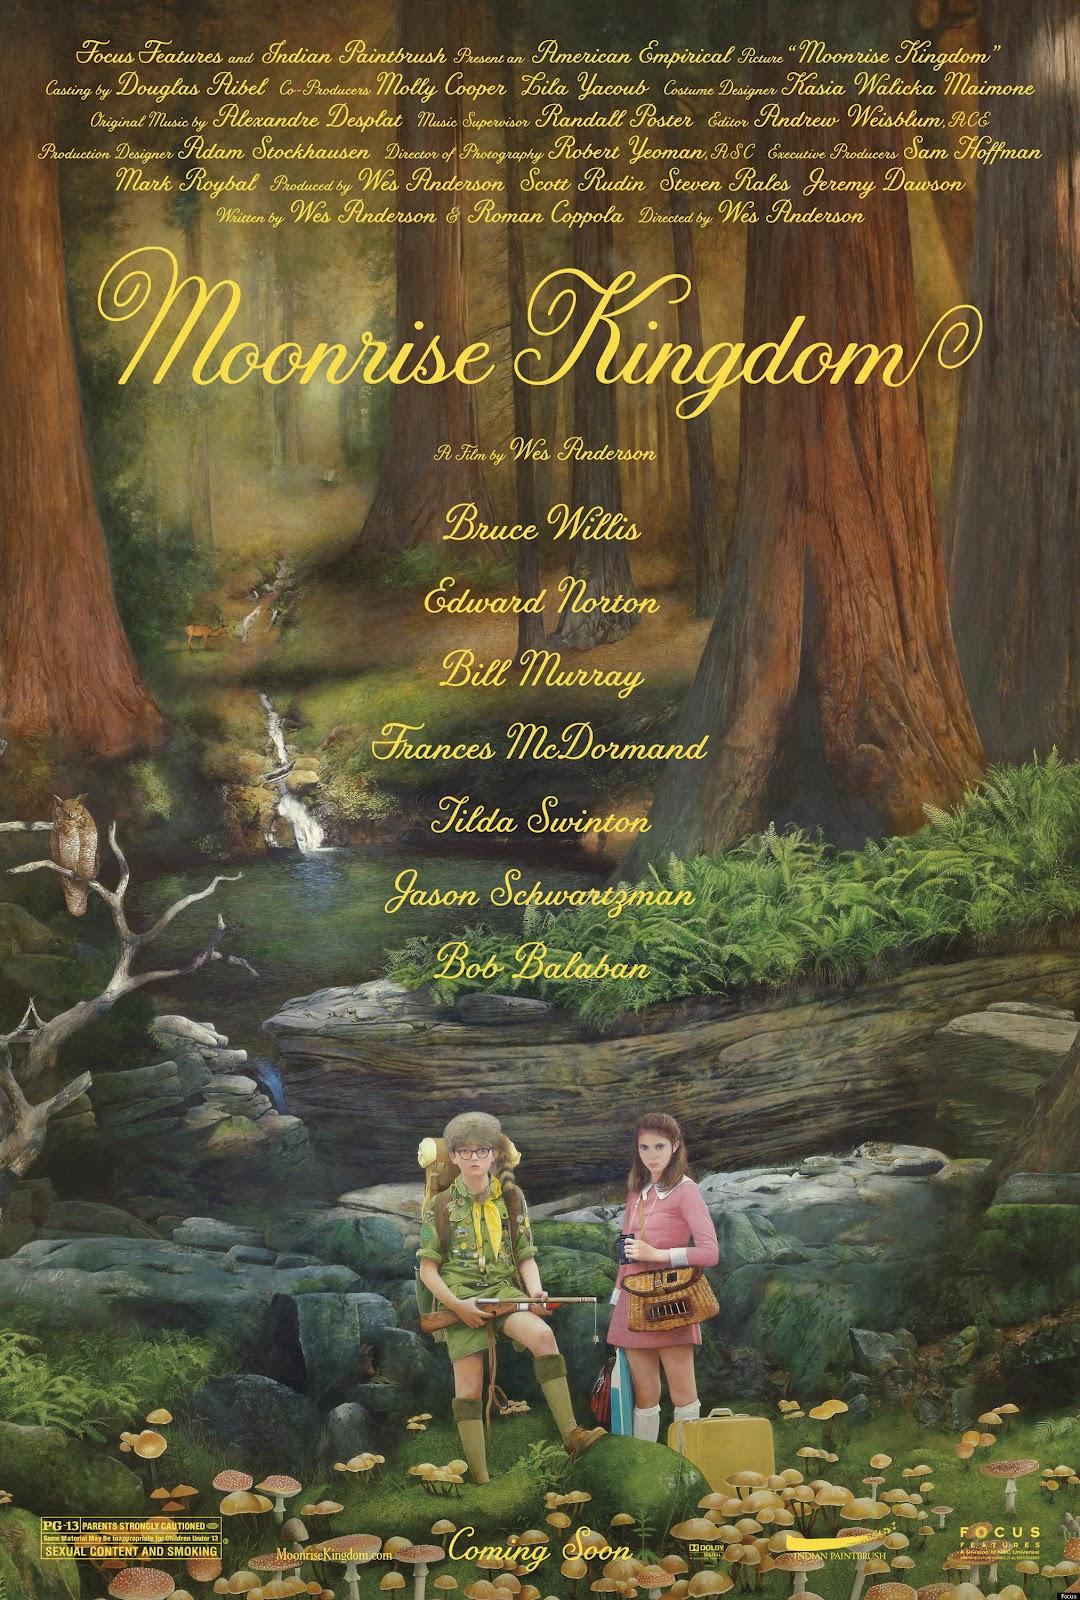 http://4.bp.blogspot.com/-3k_l93pOMDY/T13voRqUn0I/AAAAAAAAAY0/8BHx-pbbJrs/s1600/moonrise-kingdom-poster1.jpg